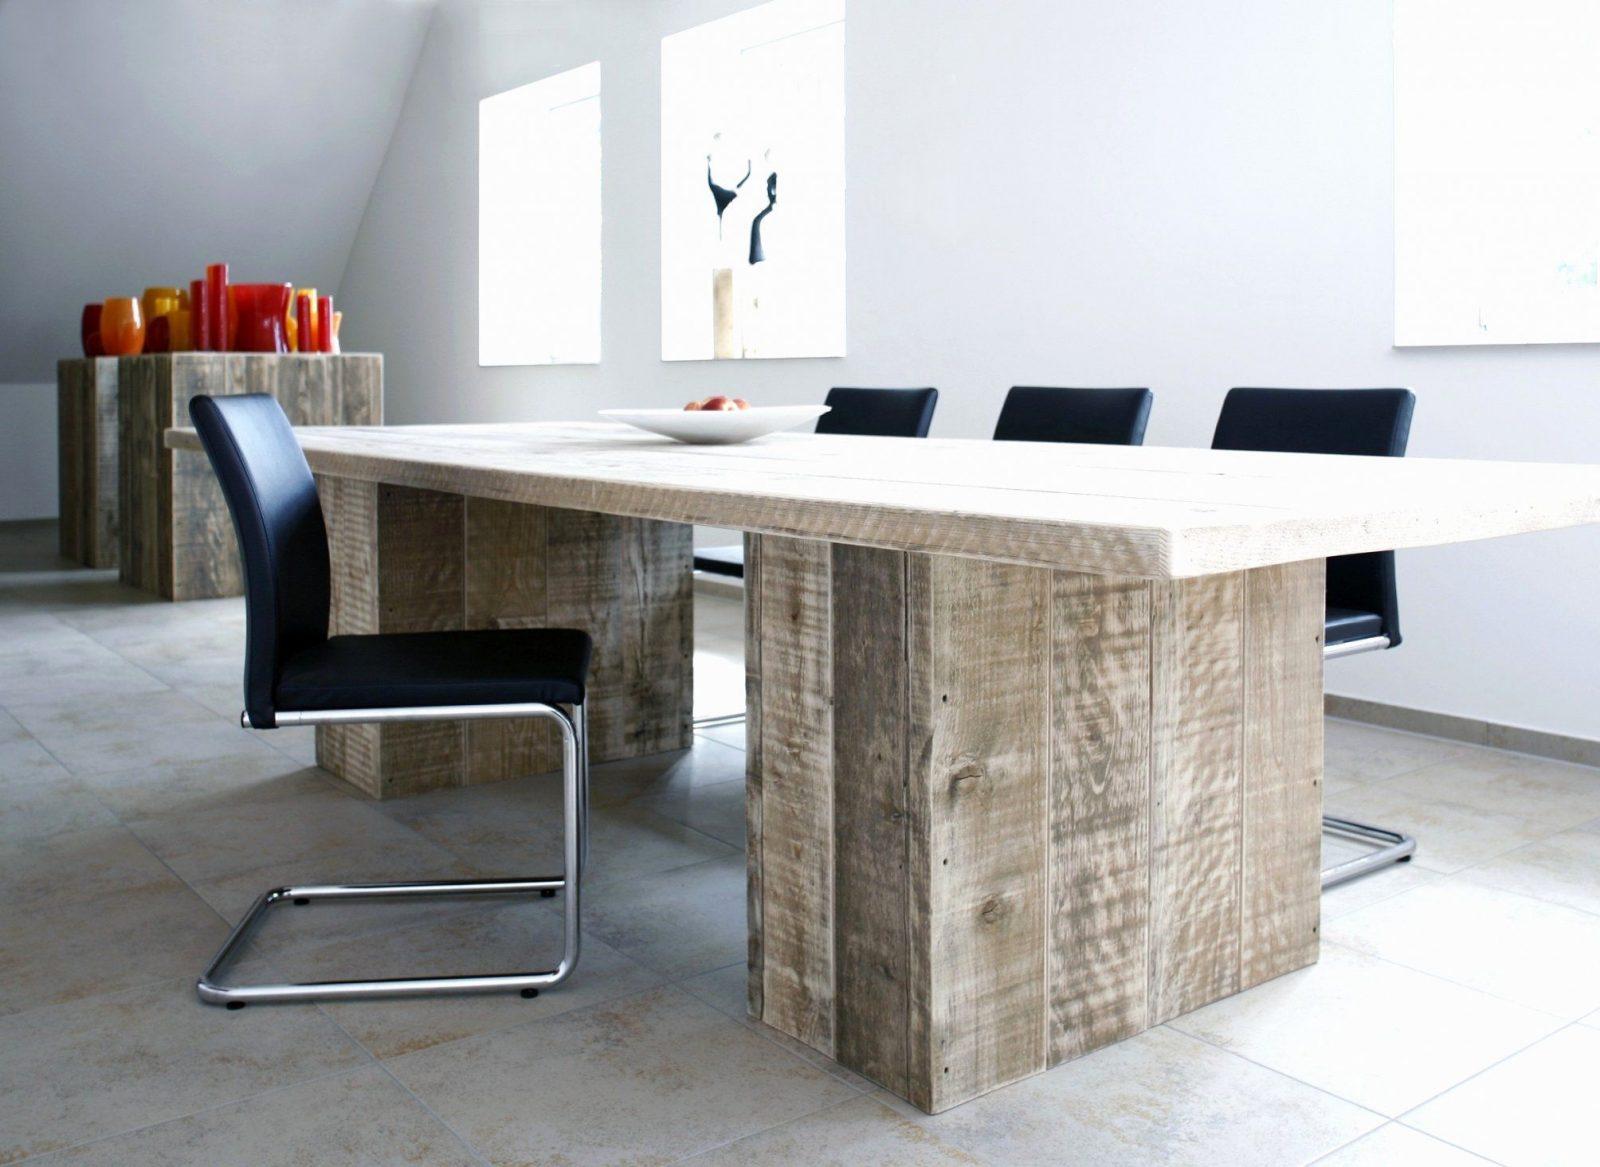 Designer Schreibtisch Selber Bauen Schön Schreibtisch Selber Bauen von Designer Schreibtisch Selber Bauen Photo